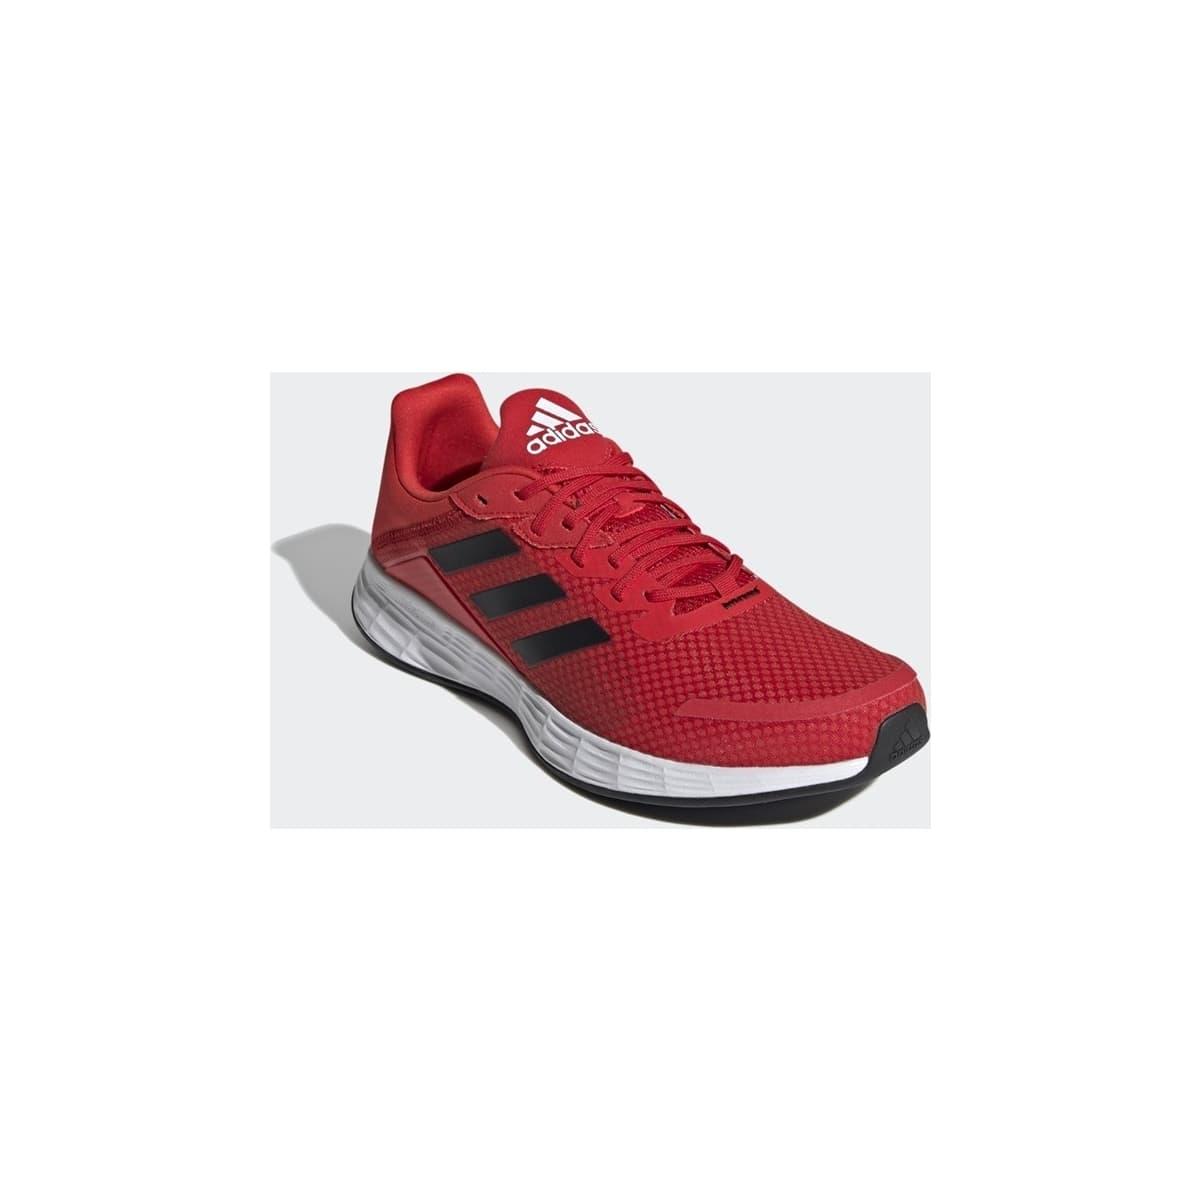 Duramo SL Erkek Kırmızı Koşu Ayakkabısı (FY6682)